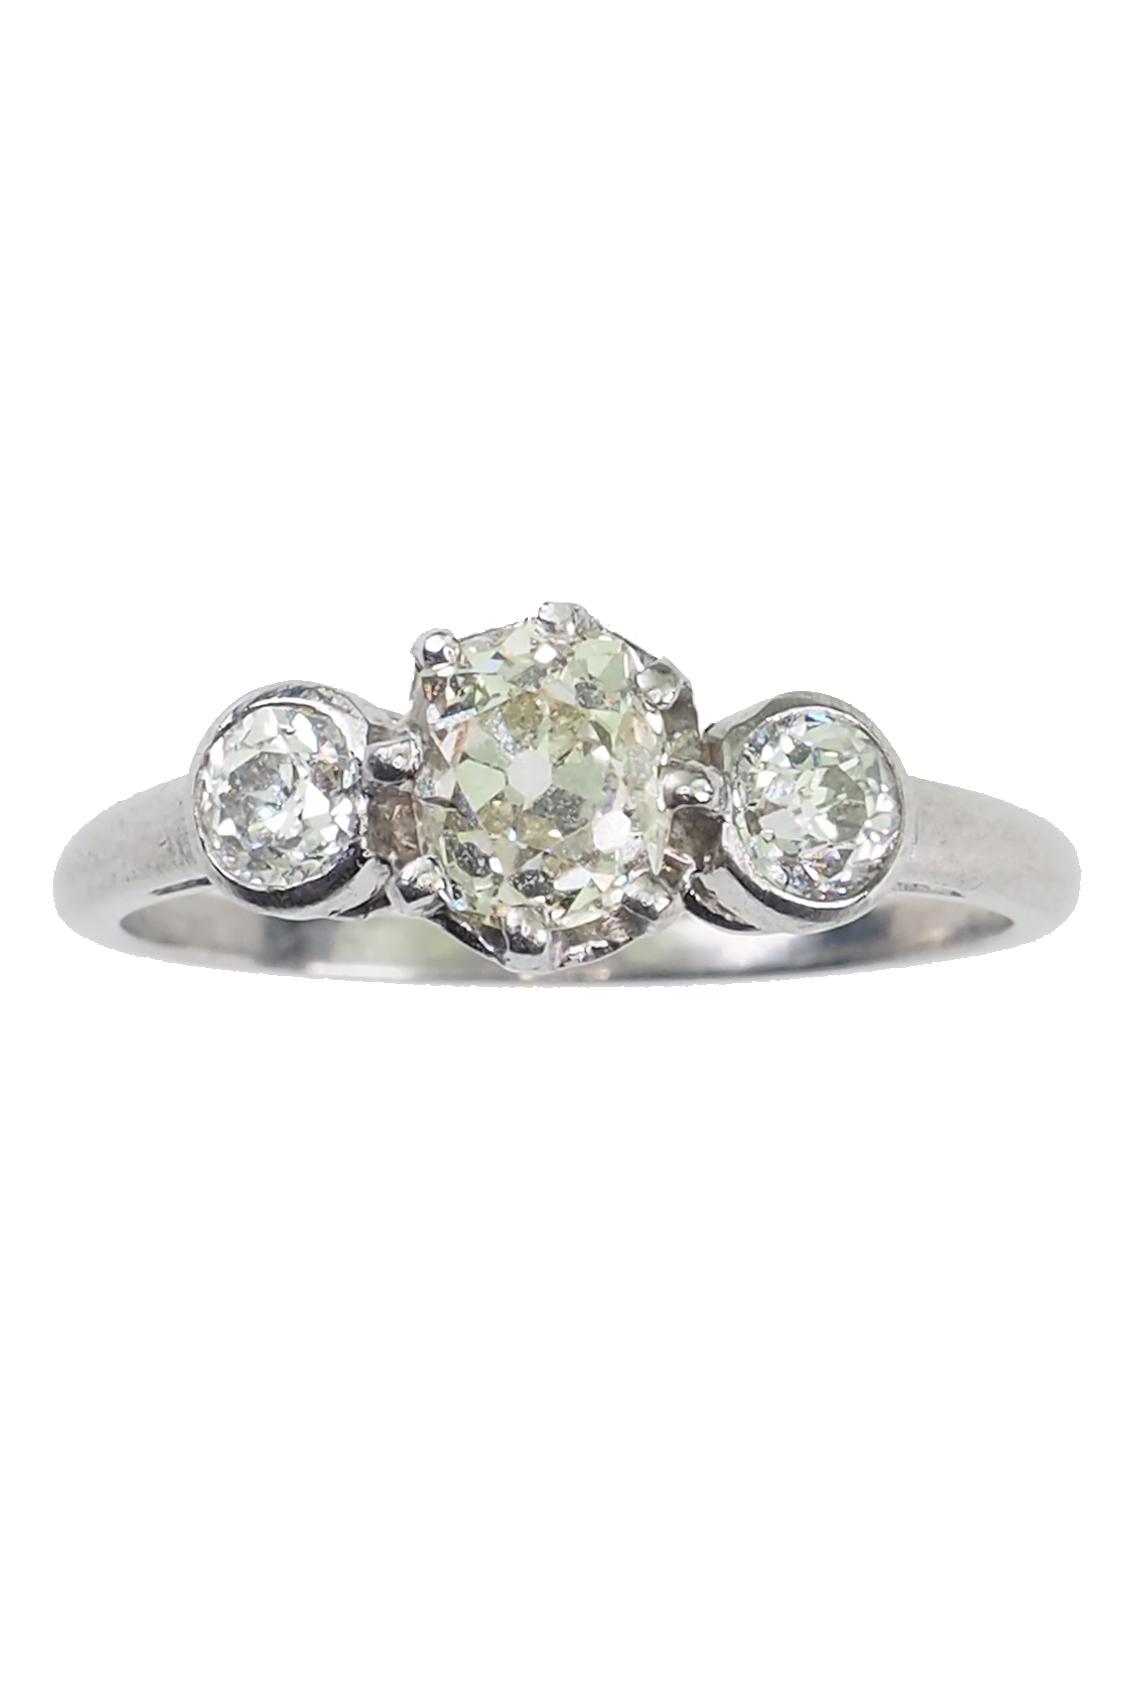 antike-Verlobungsringe-kaufen-3369